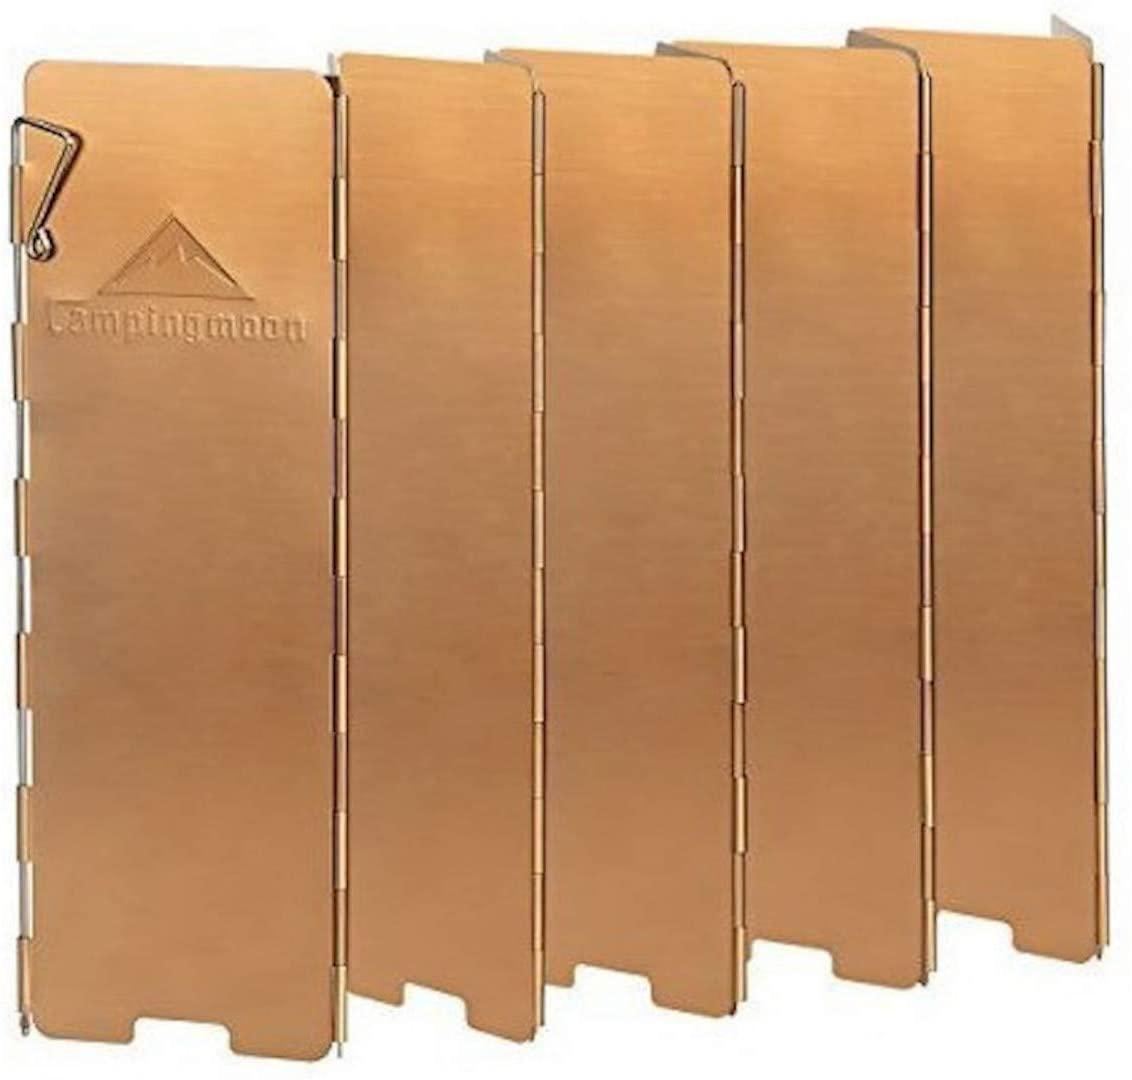 折り畳み式 風防板 酸化アルミ被膜 プレート アウトドア パートナー 収納箱付きYD-10